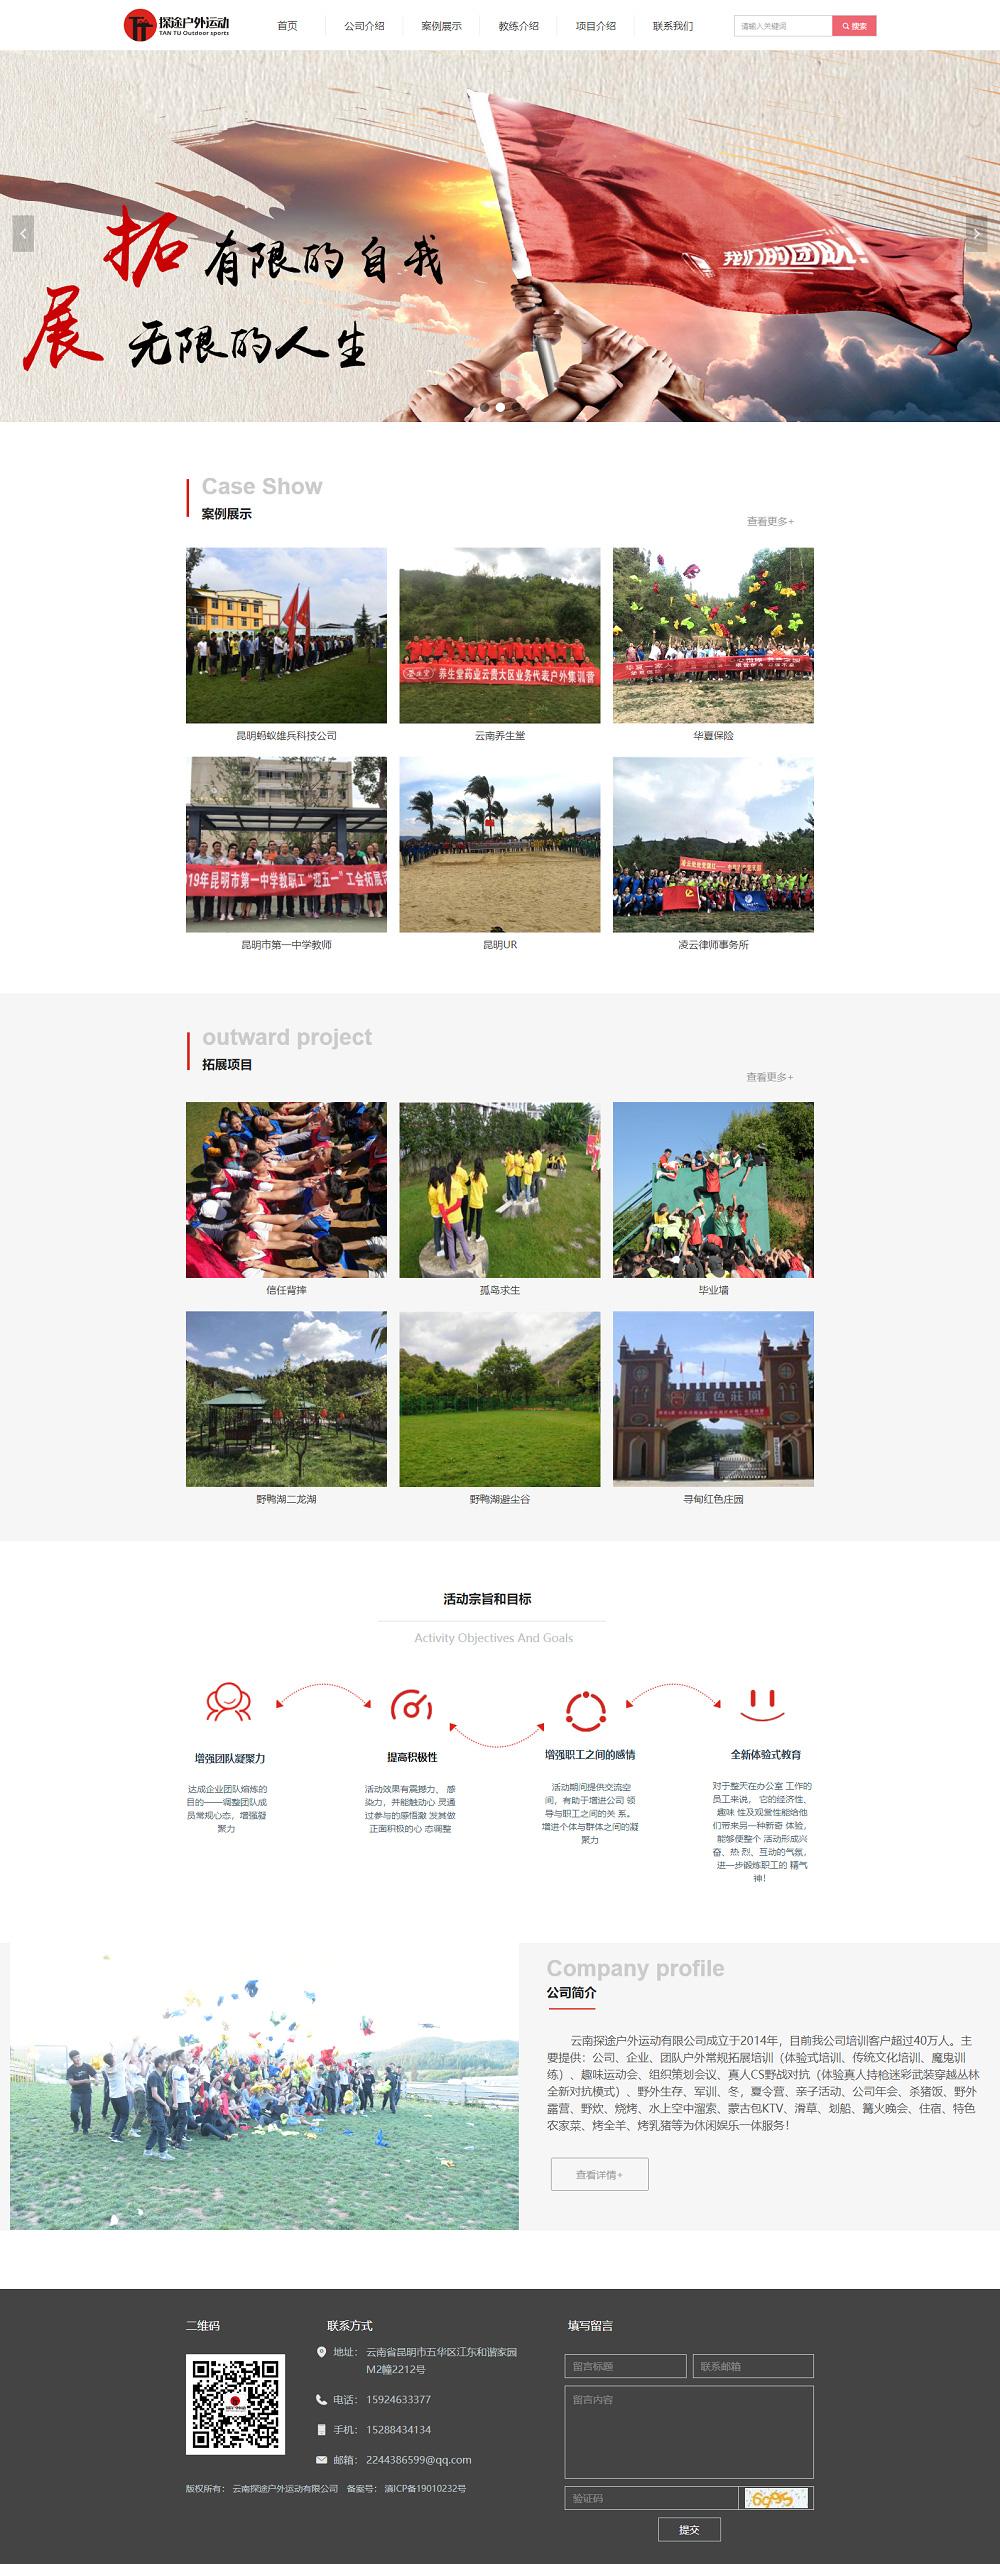 云南探途户外网站建设案例